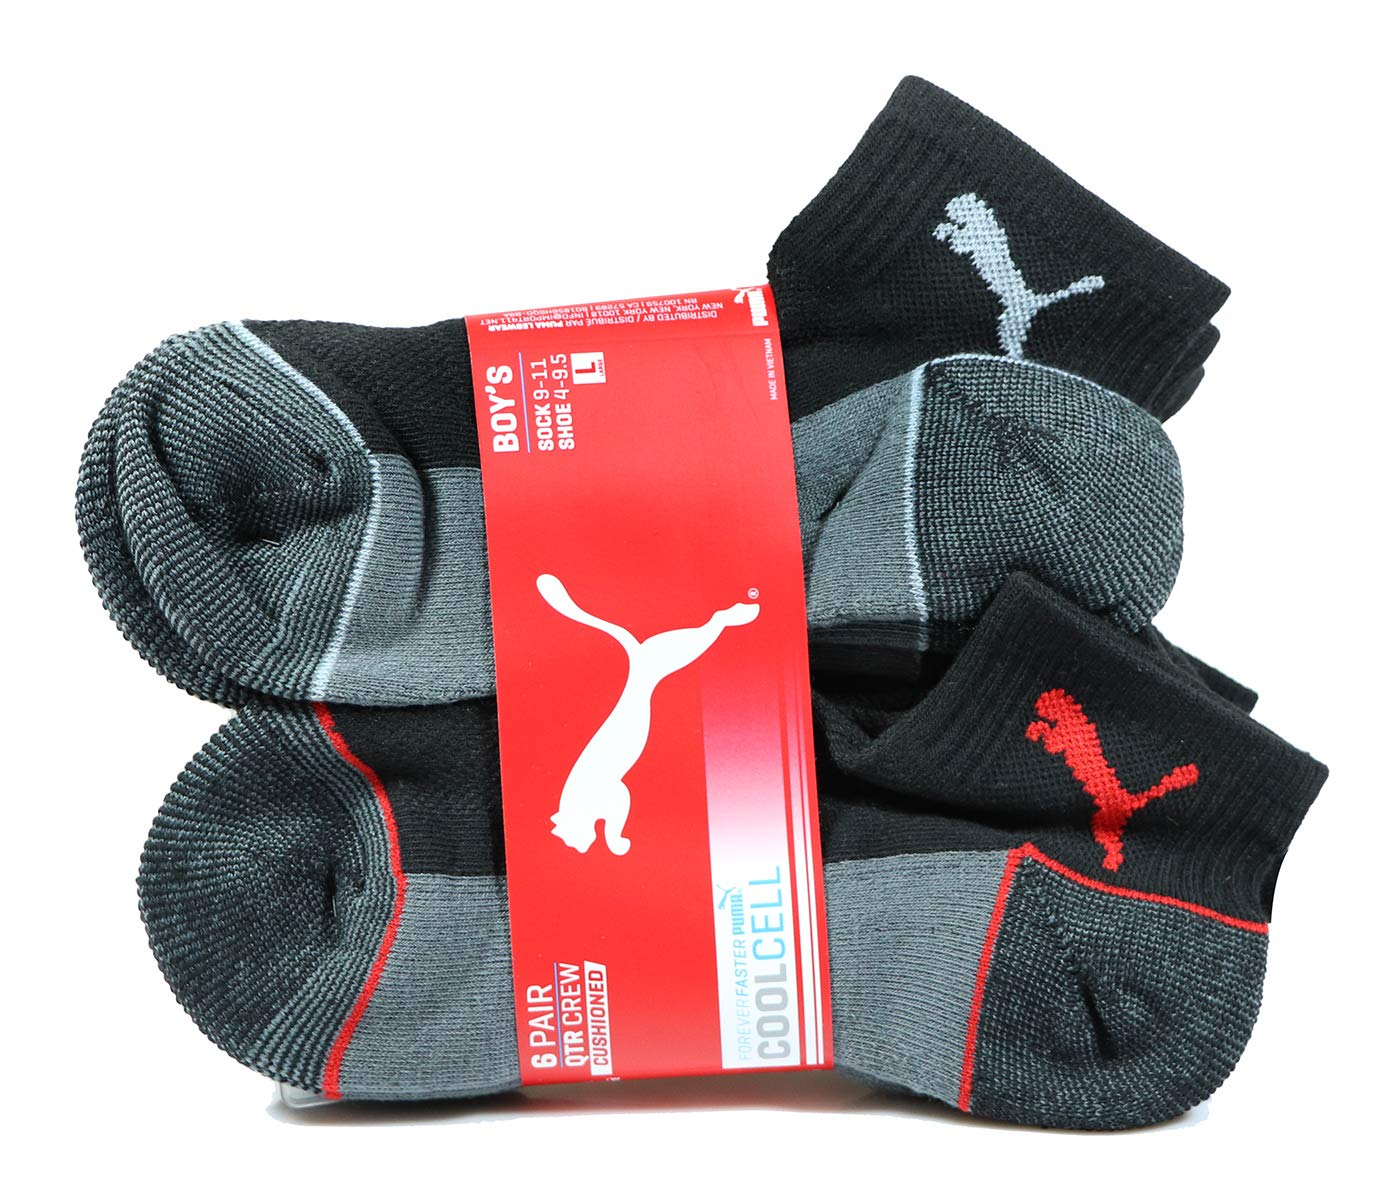 PUMA Boy's Quarter Crew Low Cut Socks - 6 Pairs, Shoe Size 4-9.5 Shoe Size 4-9.5 (Blue/Black)